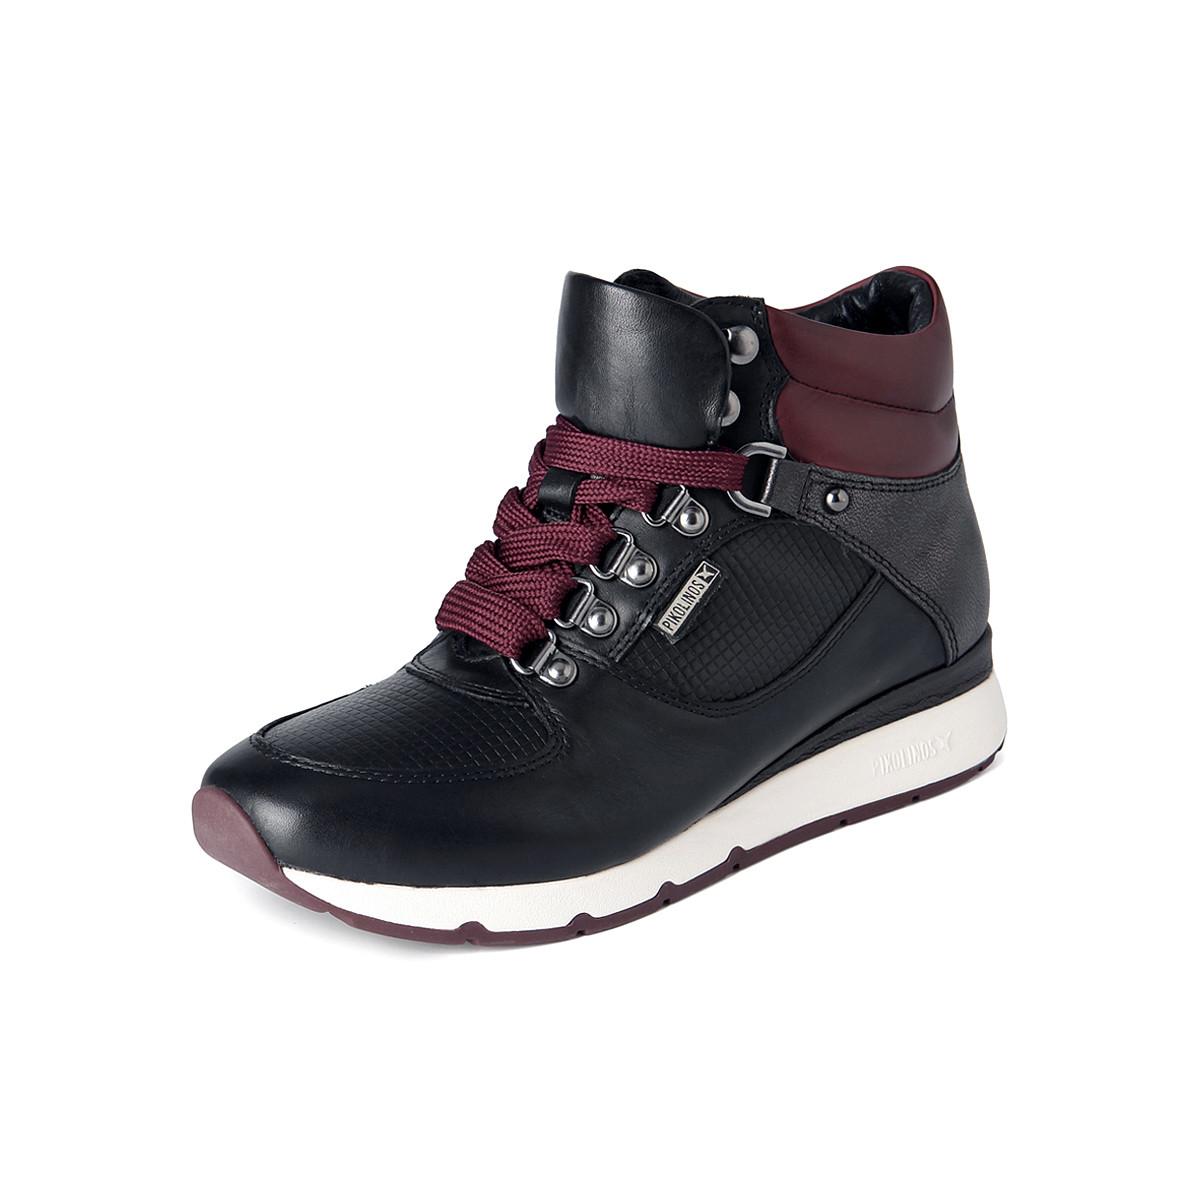 派高雁【布鲁塞尔系列】派高雁头层牛皮革系带休闲运动靴PA85305-黑色